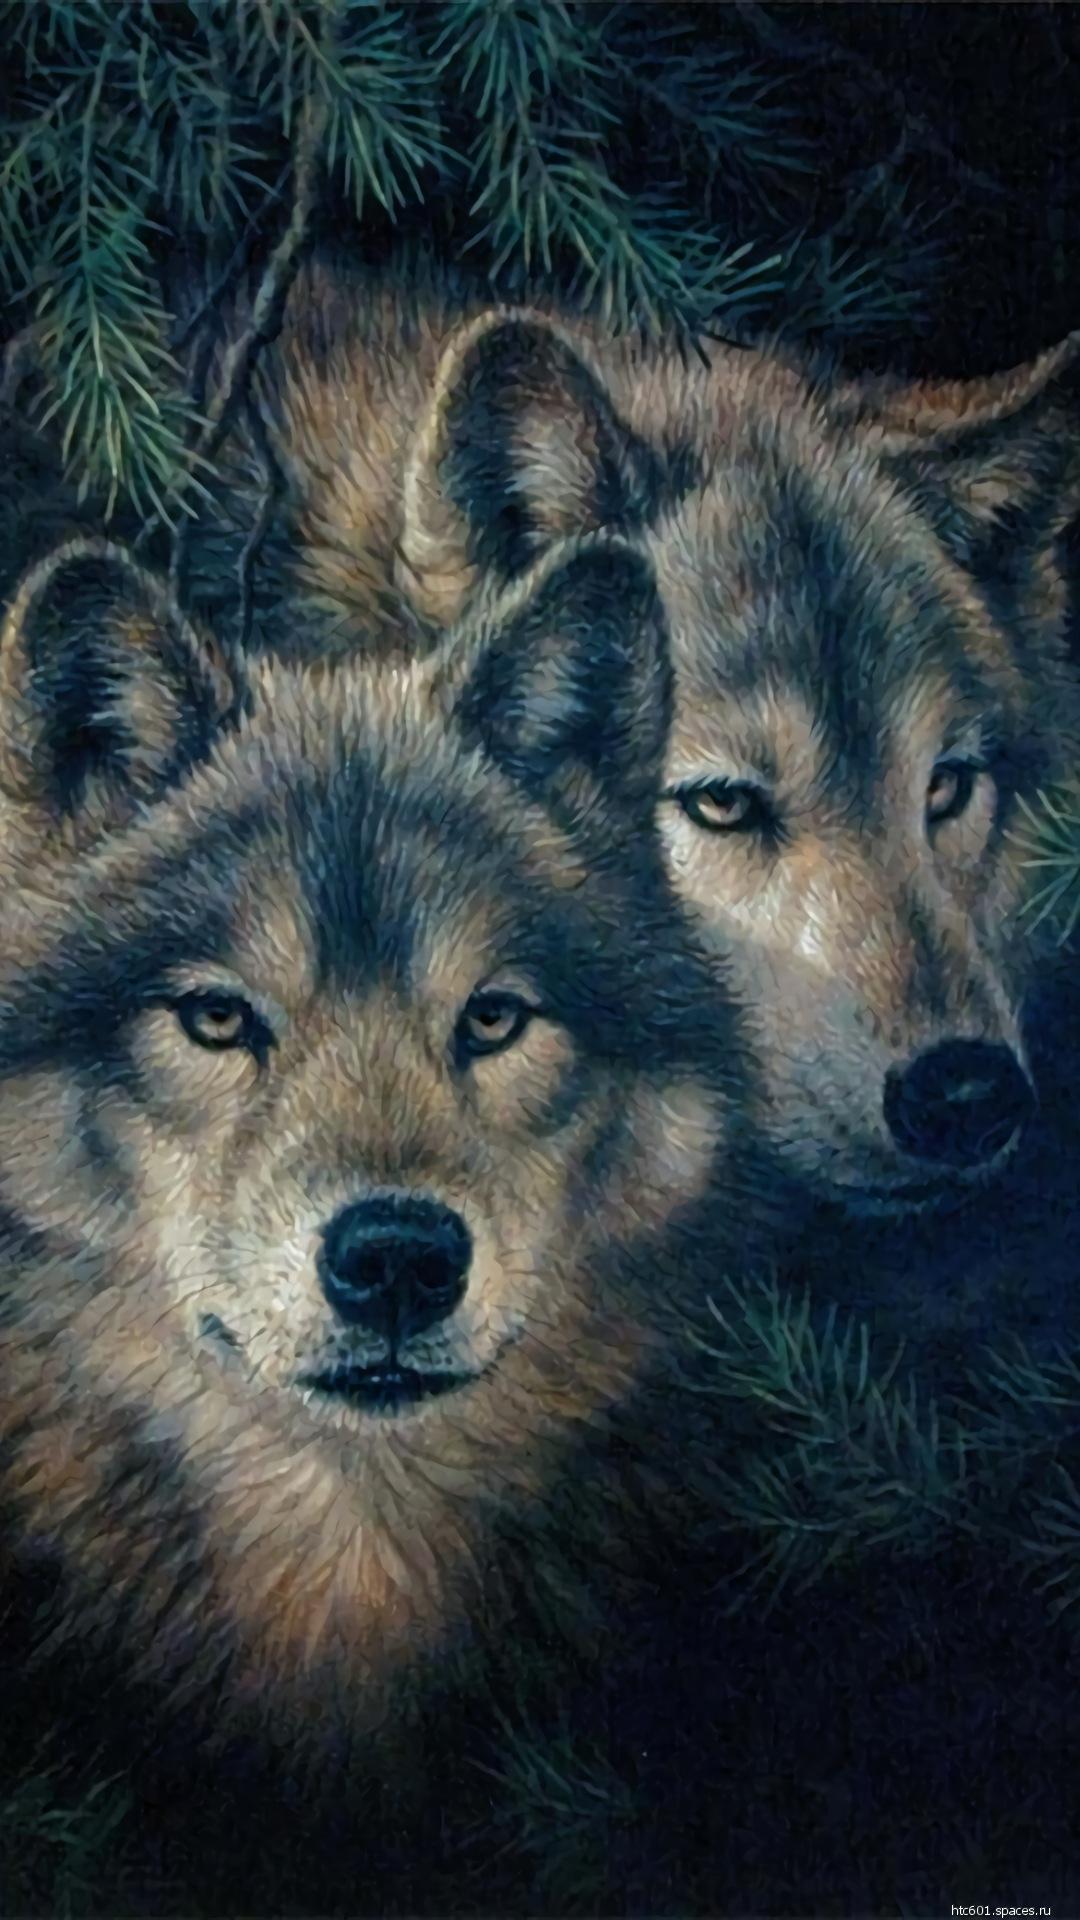 Заставки на телефон скачать волки (7)